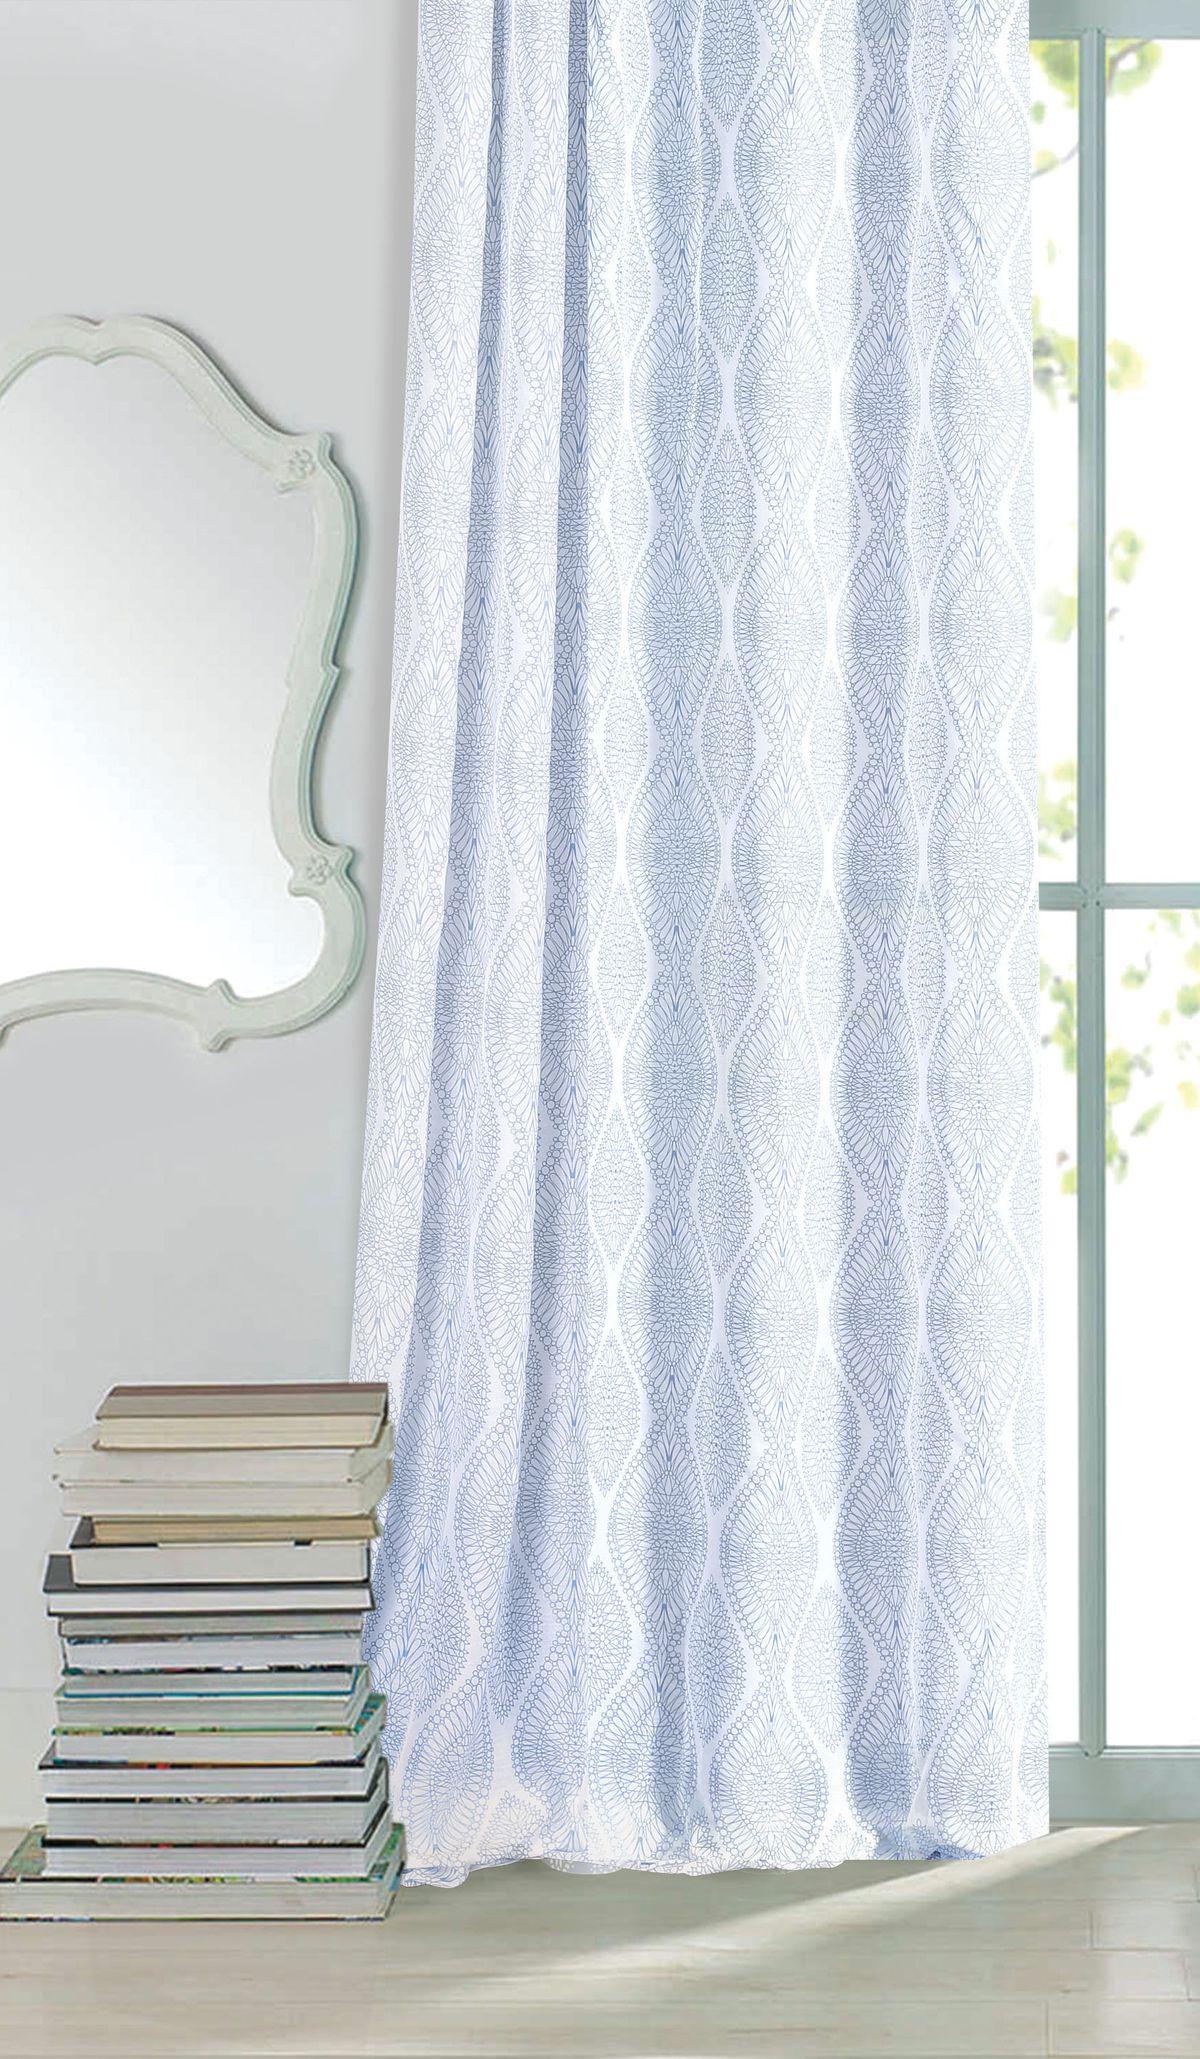 Штора готовая Garden, на ленте, цвет: голубой, 300х260 см. С 3293 - W356 V16S03301004Изящная штора для гостинной Garden выполнена из ткани с оригинальной структурой. Приятная текстура и цвет штор привлекут к себе внимание и органично впишутся в интерьер помещения. Штора крепится на карниз при помощи ленты, которая поможет красиво и равномерно задрапировать верх.